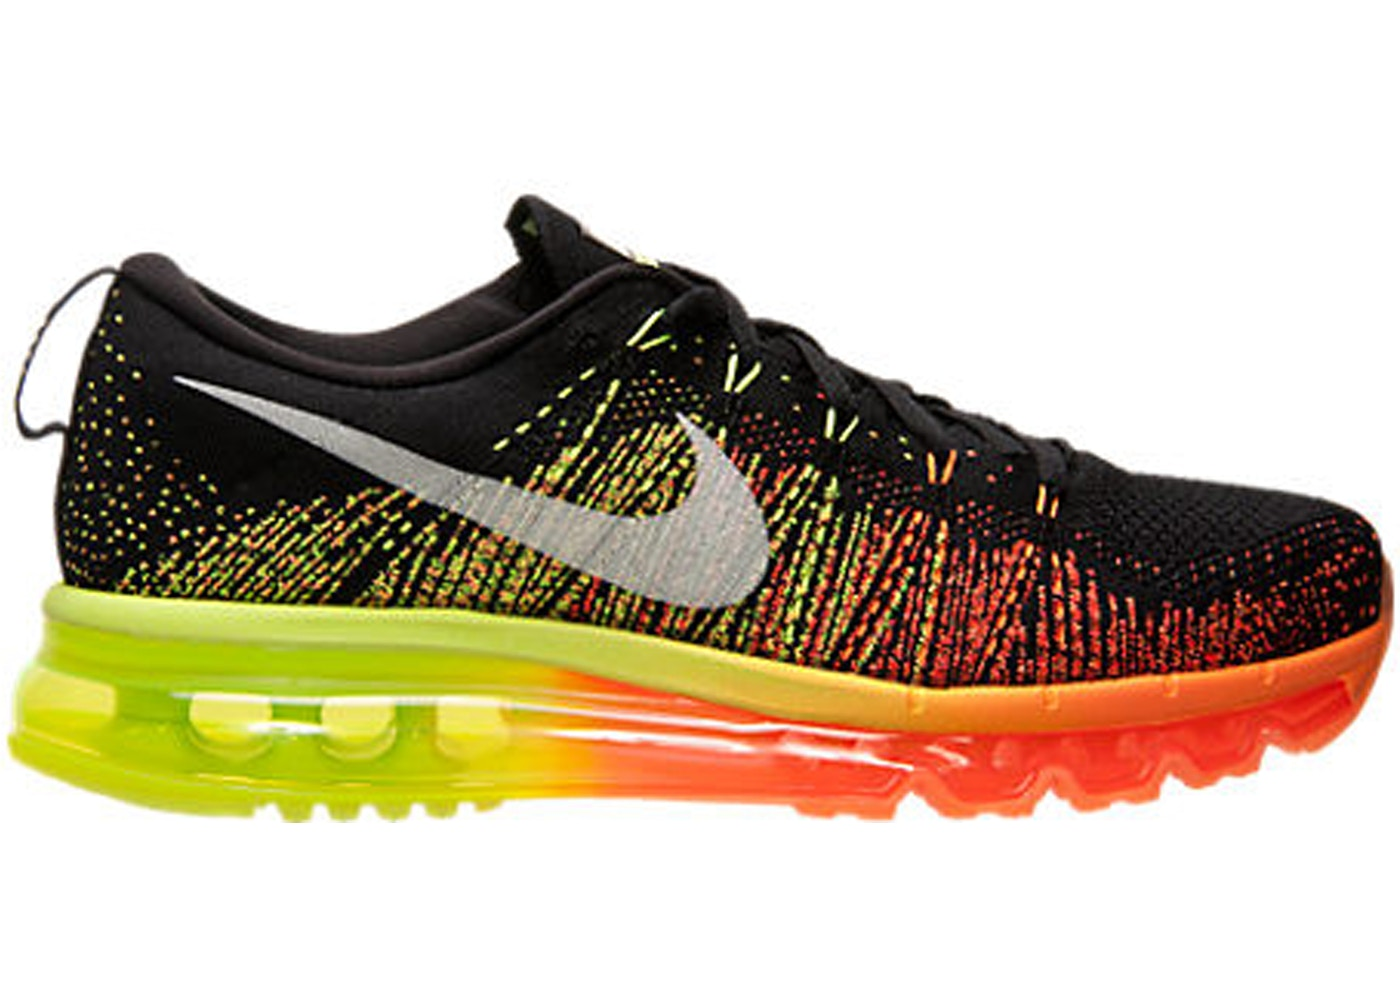 livraison gratuite 465a3 af53e Nike Flyknit Max Black Atomic Orange Volt